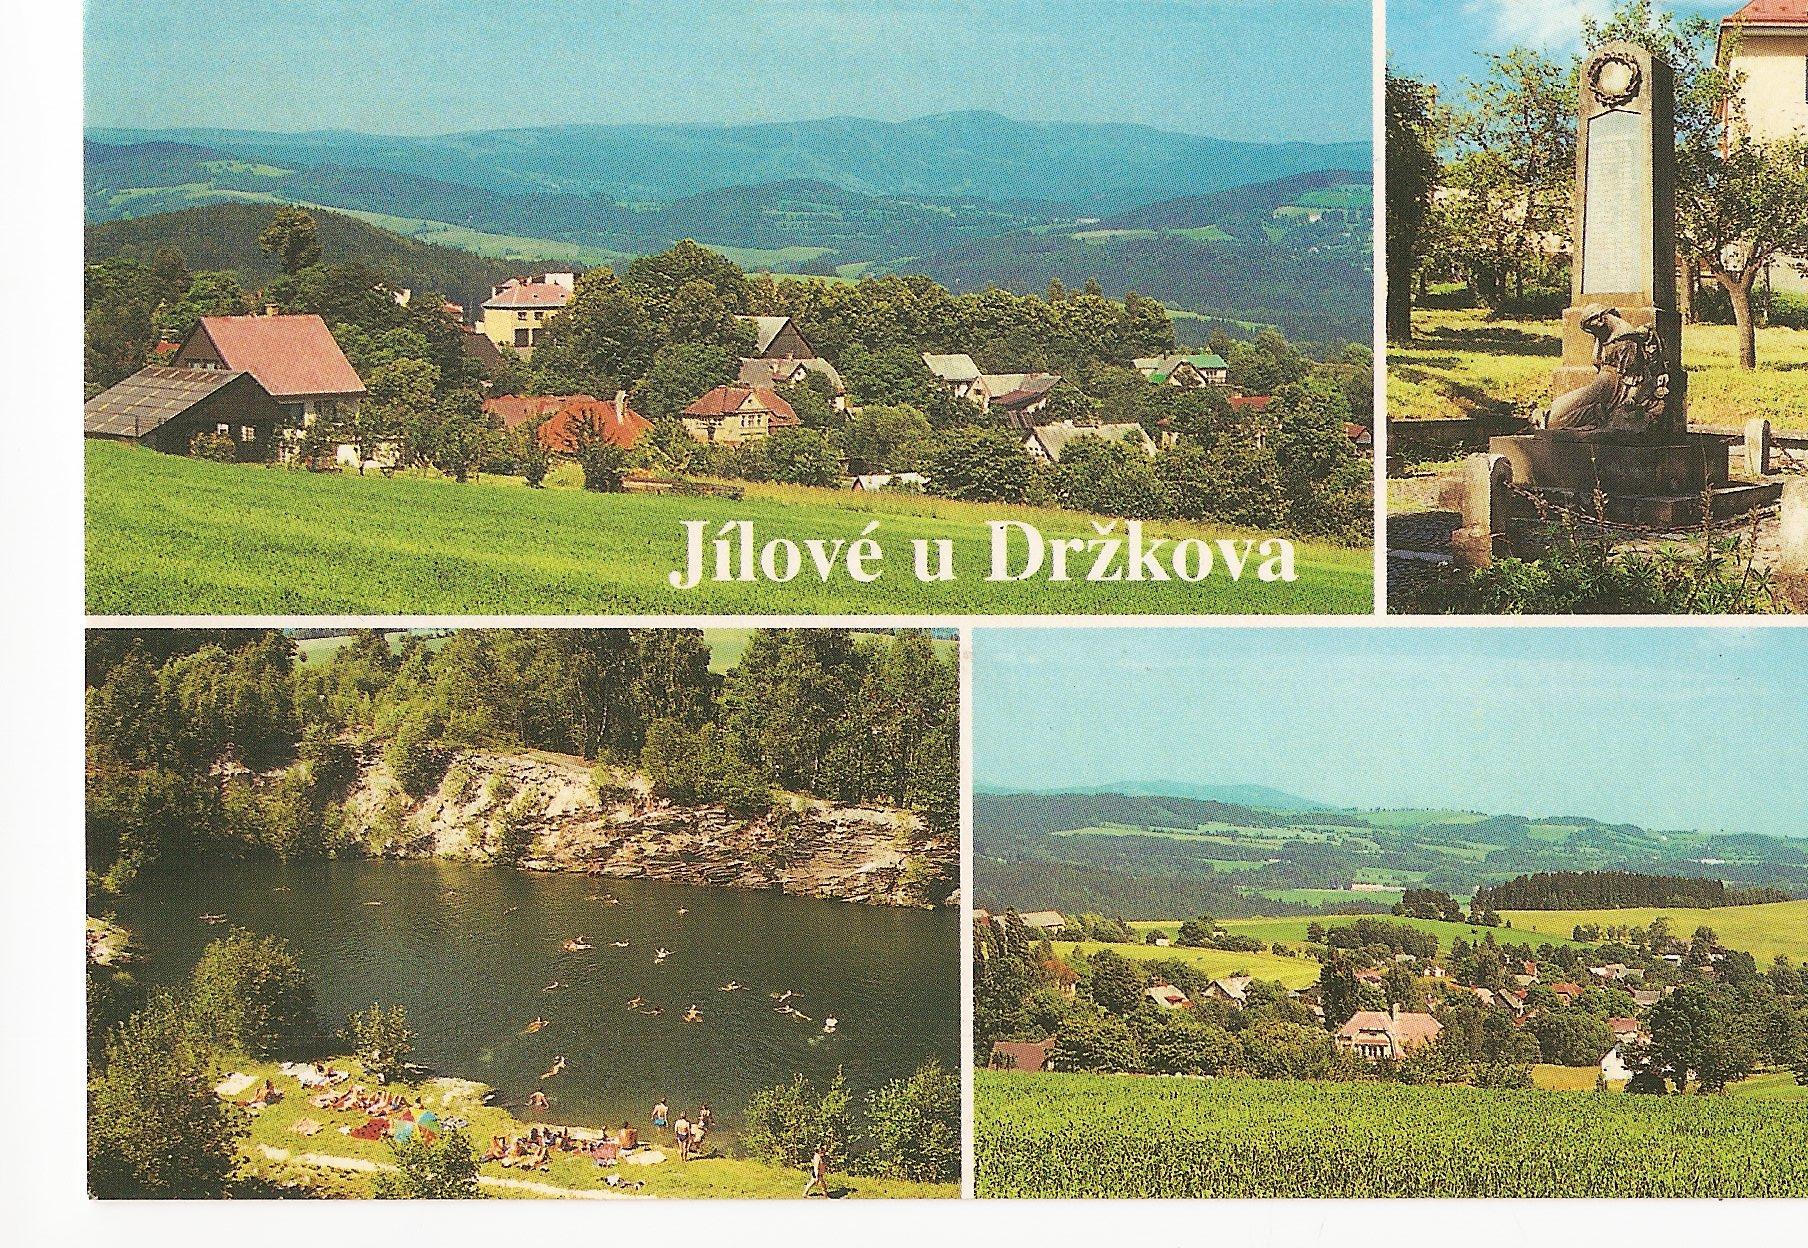 pohlednice Jílové u Držkova, zatopený lom je asi 3